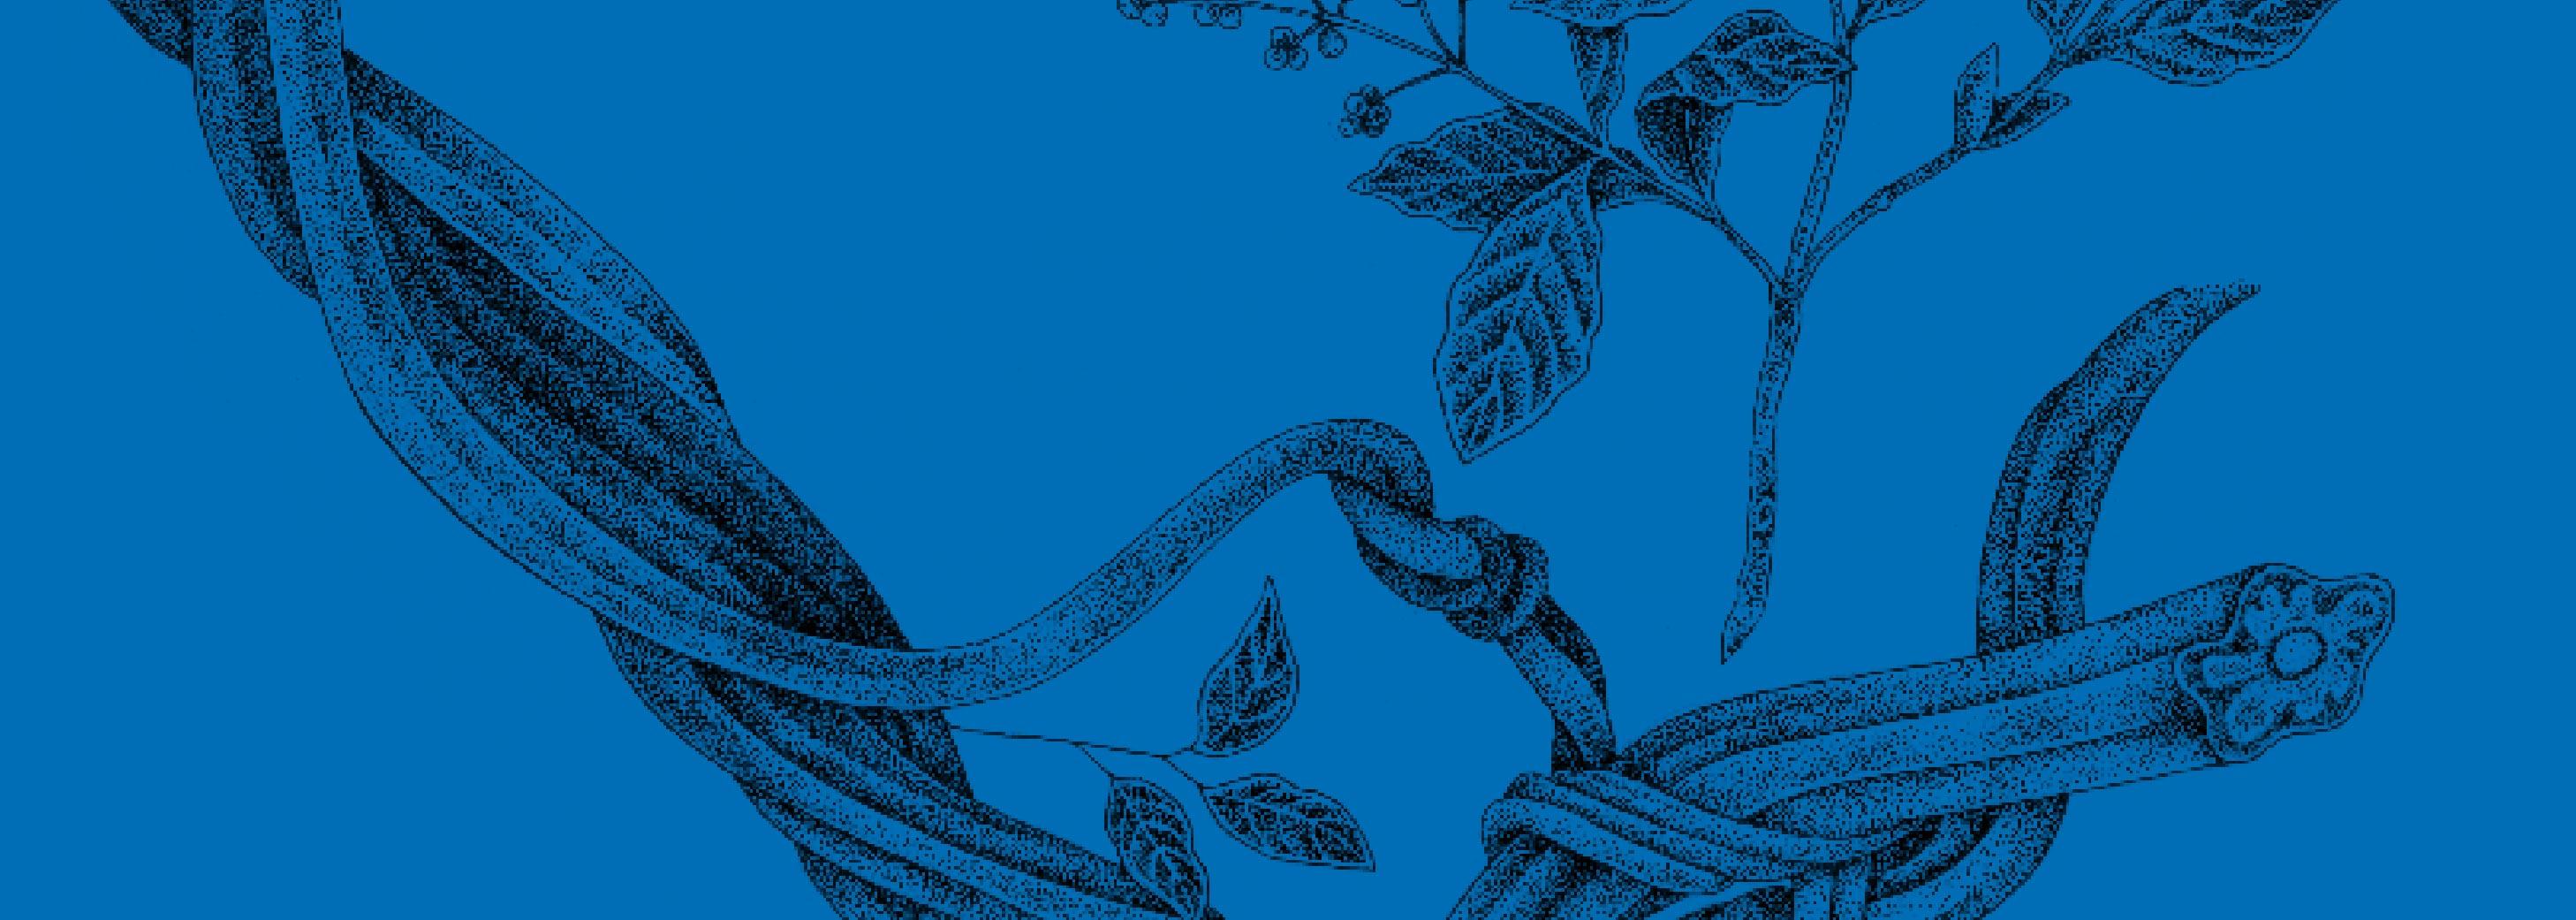 ICEERS PsychePlants plants psychoactive plantas psicoactivas